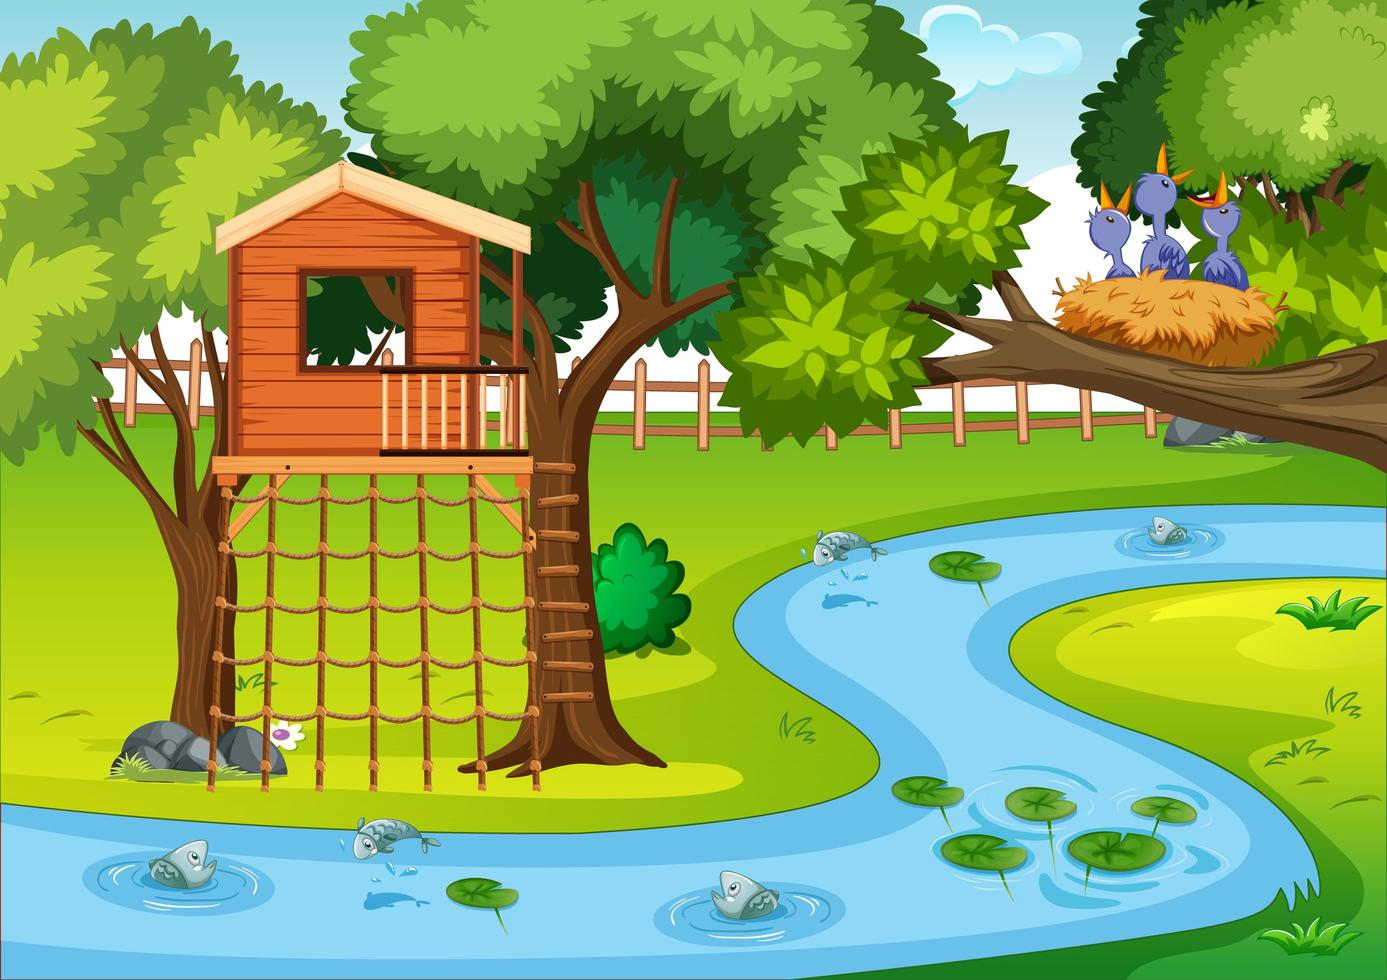 escena del parque natural en estilo de dibujos animados vector